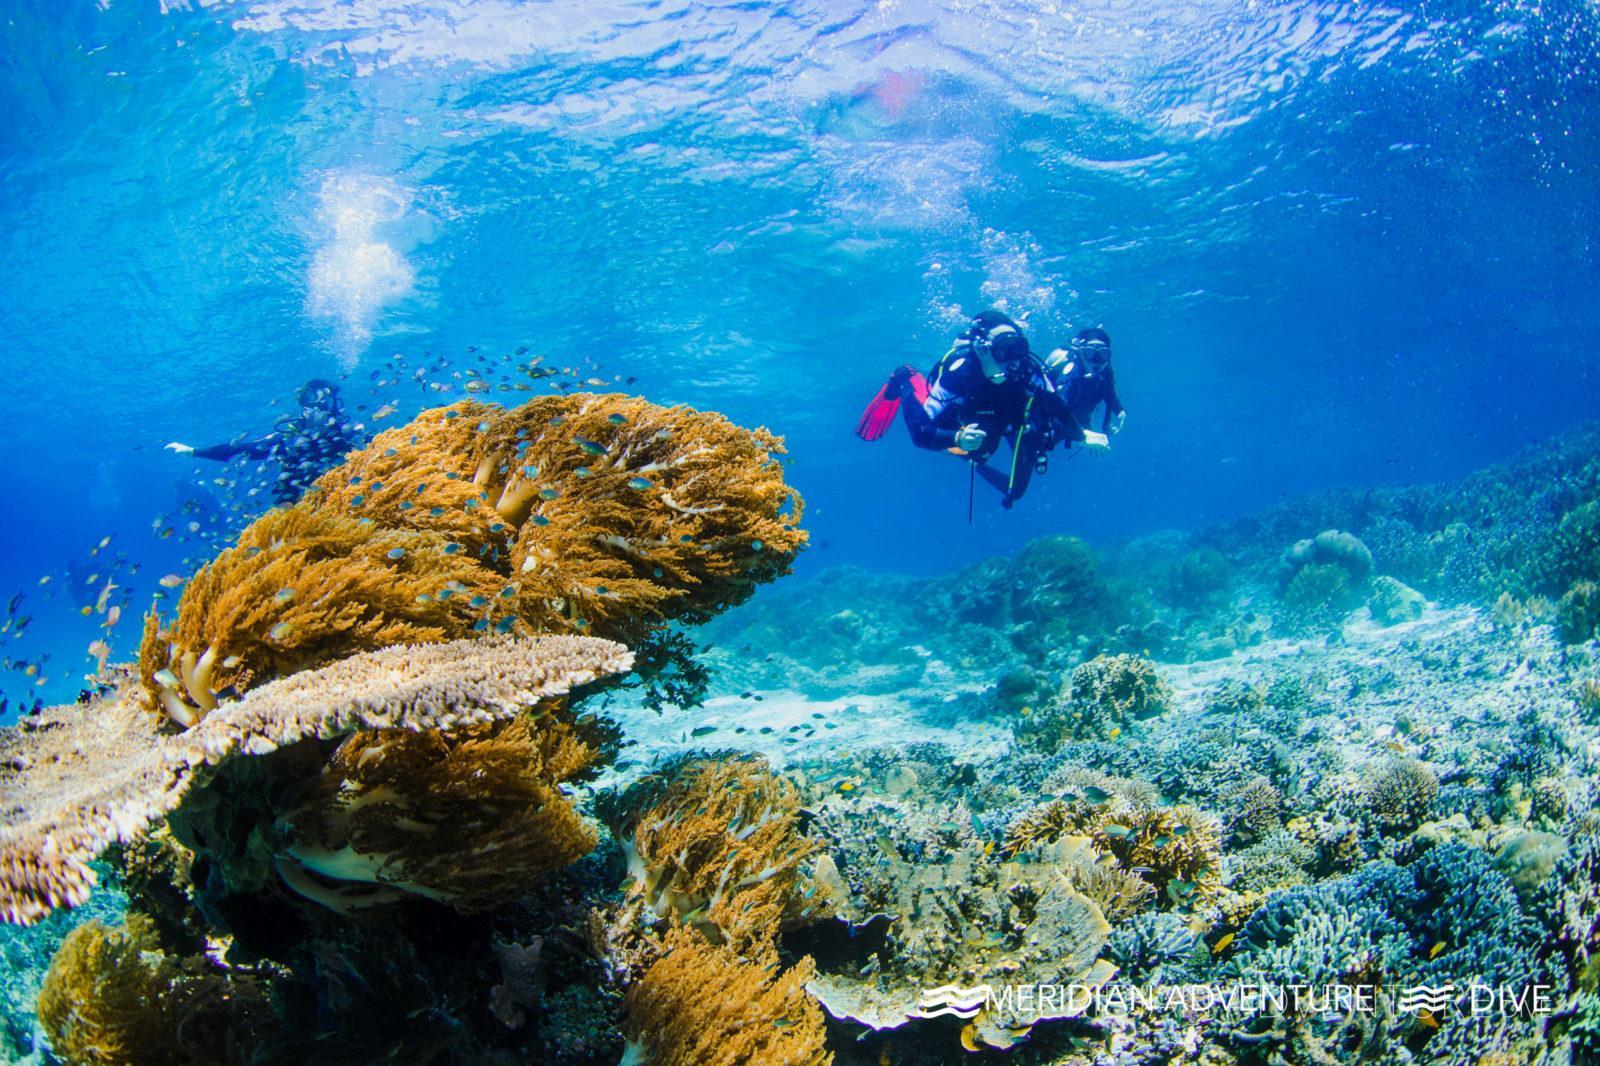 Meridian Adventure Dive - Eco-conscious Raja Ampat dive resort.